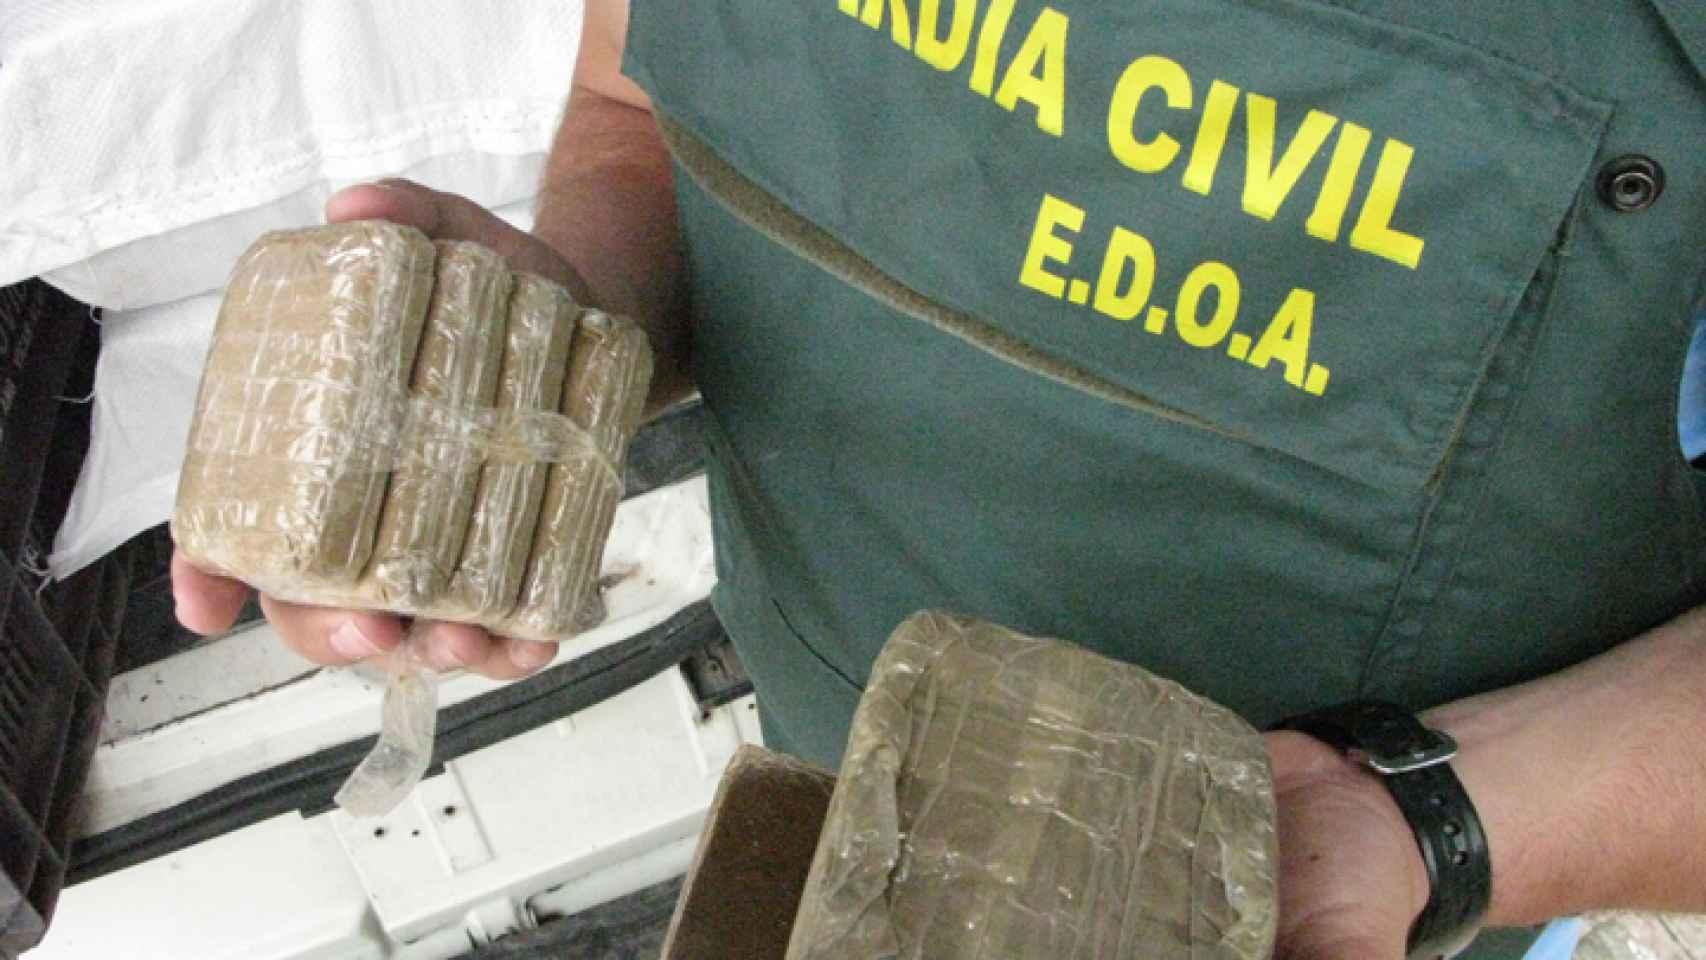 Un agente del EDOA sostiene varias placas de hachís decomisadas durante un operativo de la Benemérita.